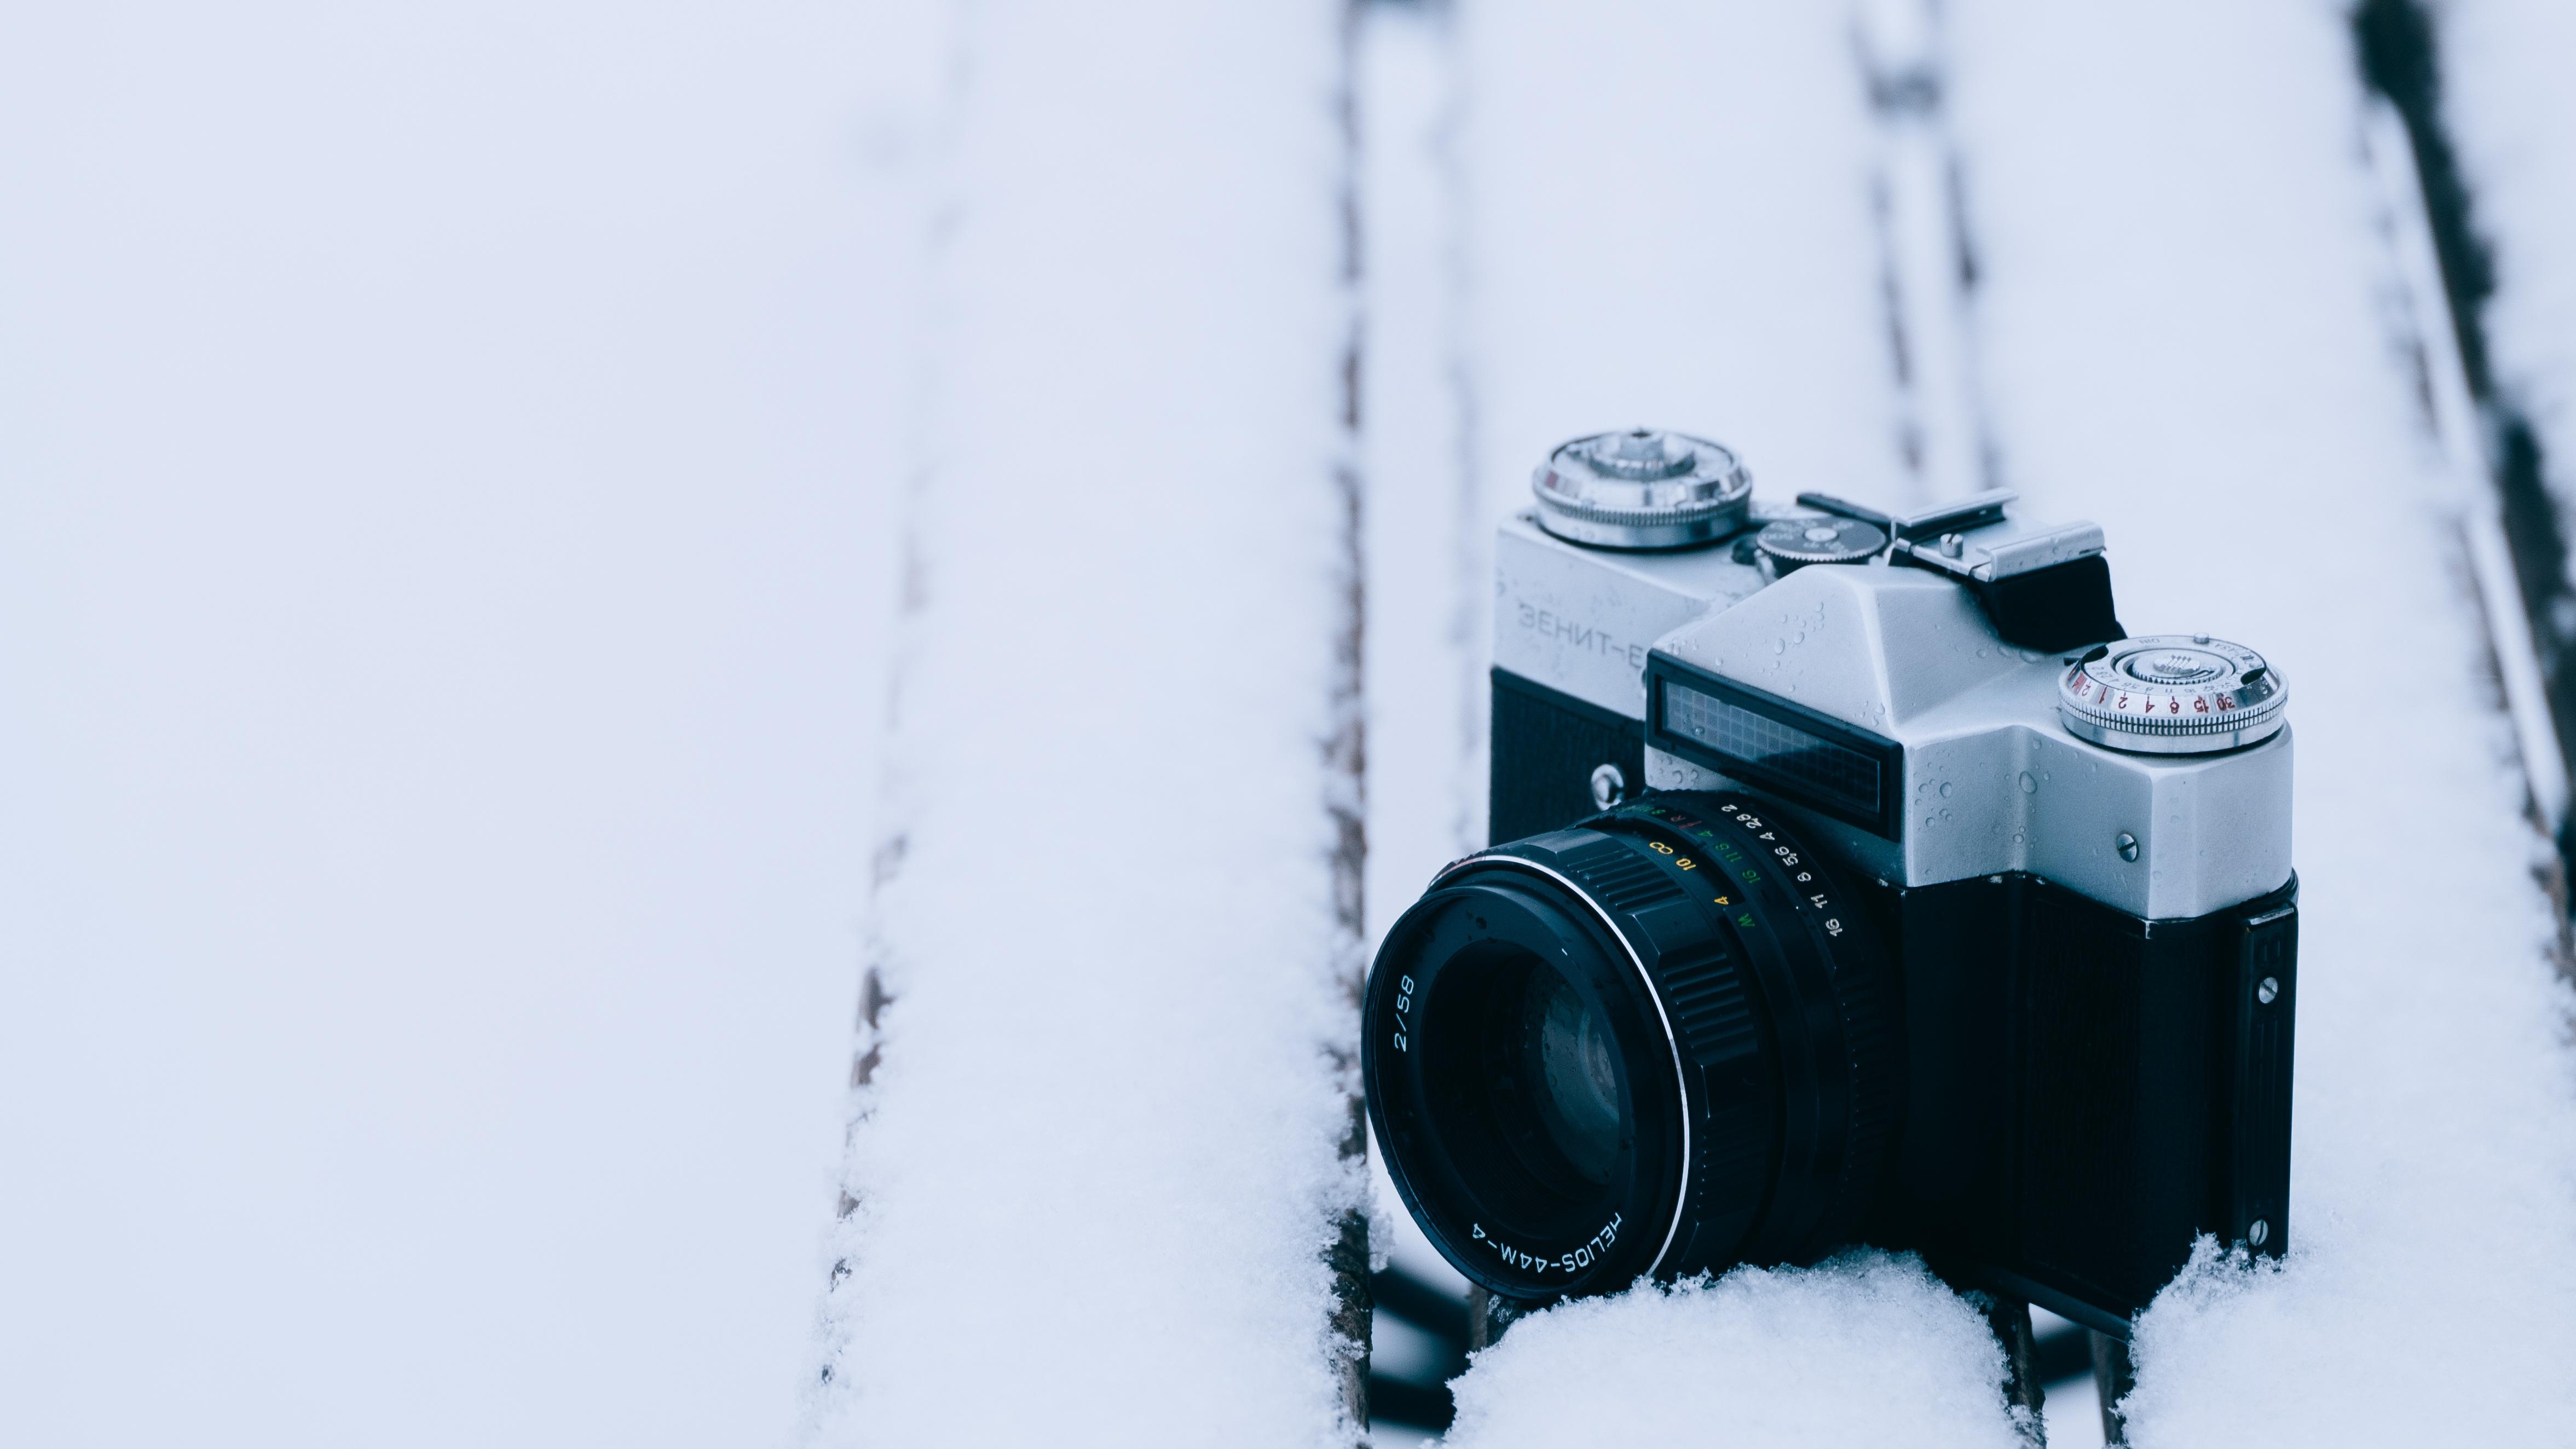 Значения на зеркалке для фотографий в снег